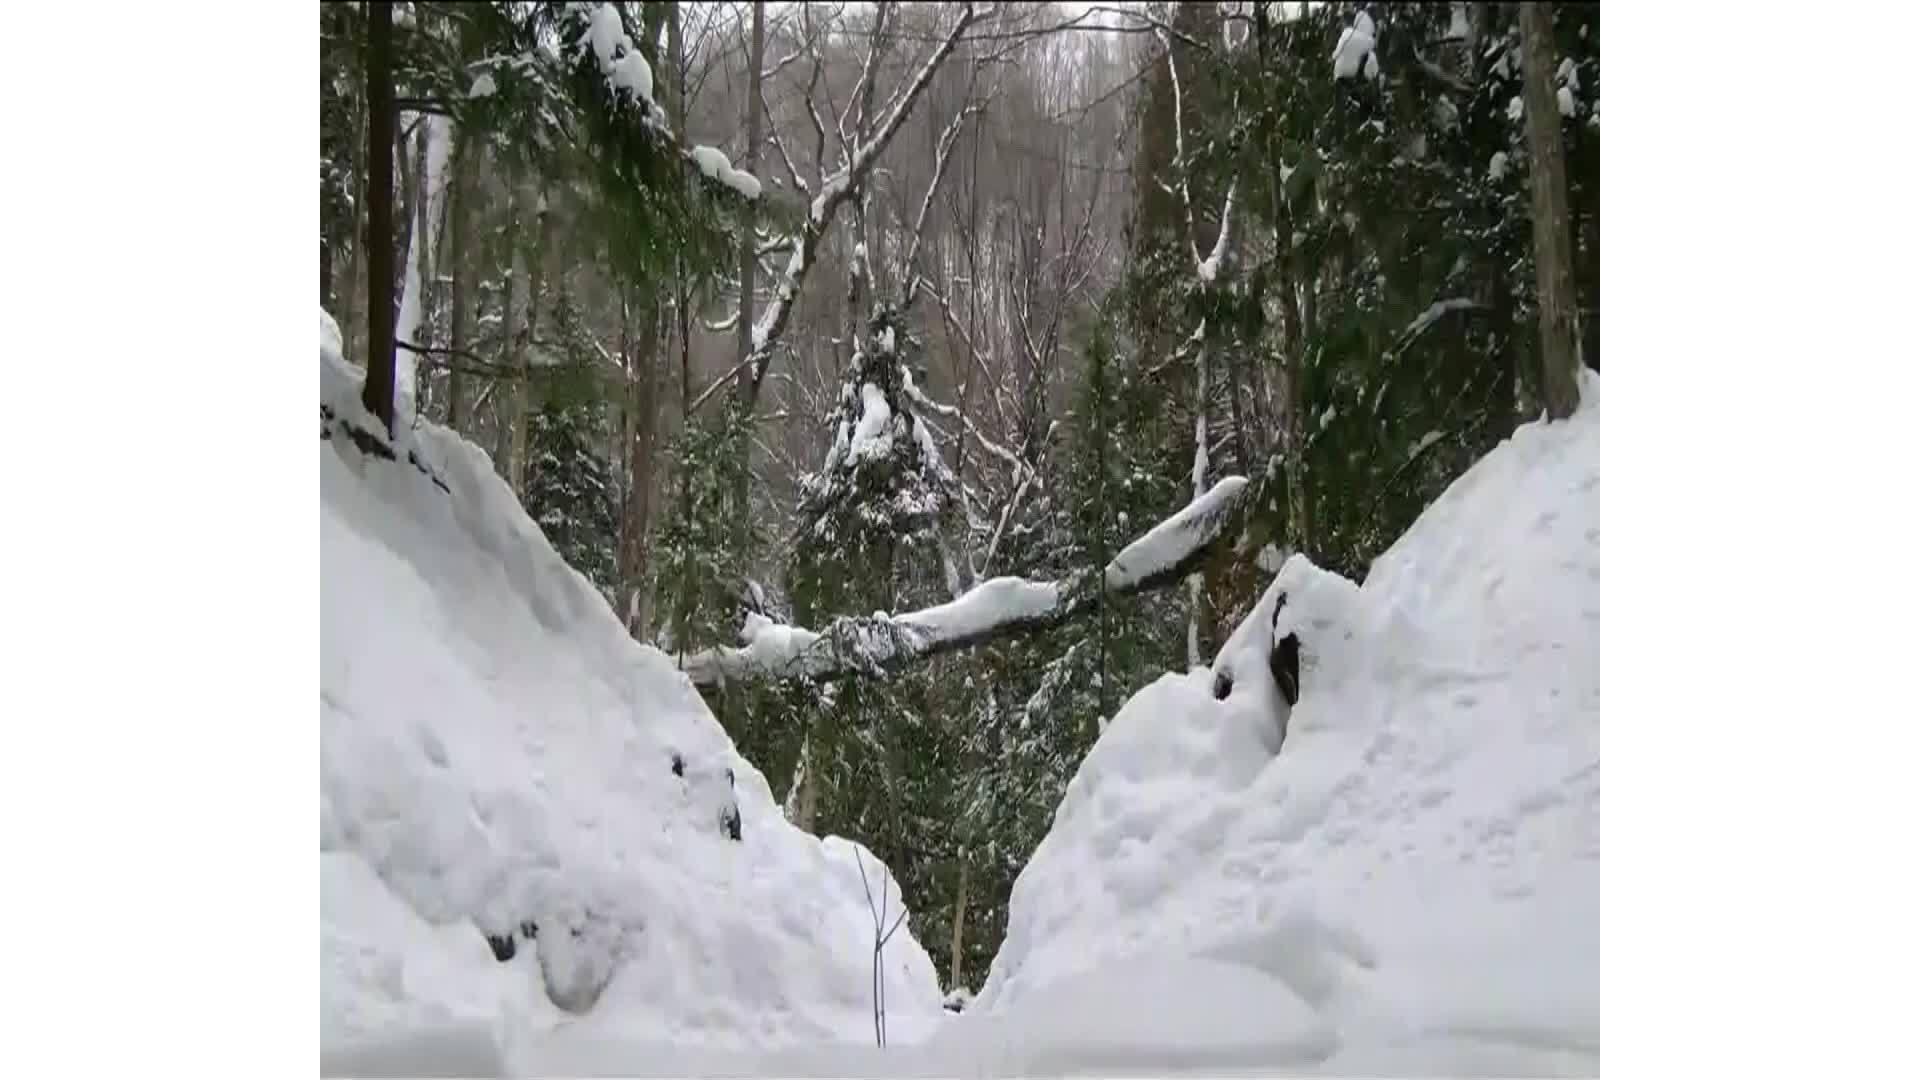 Explore the U.P. Shore - Winter Edition (U.P. Wide)